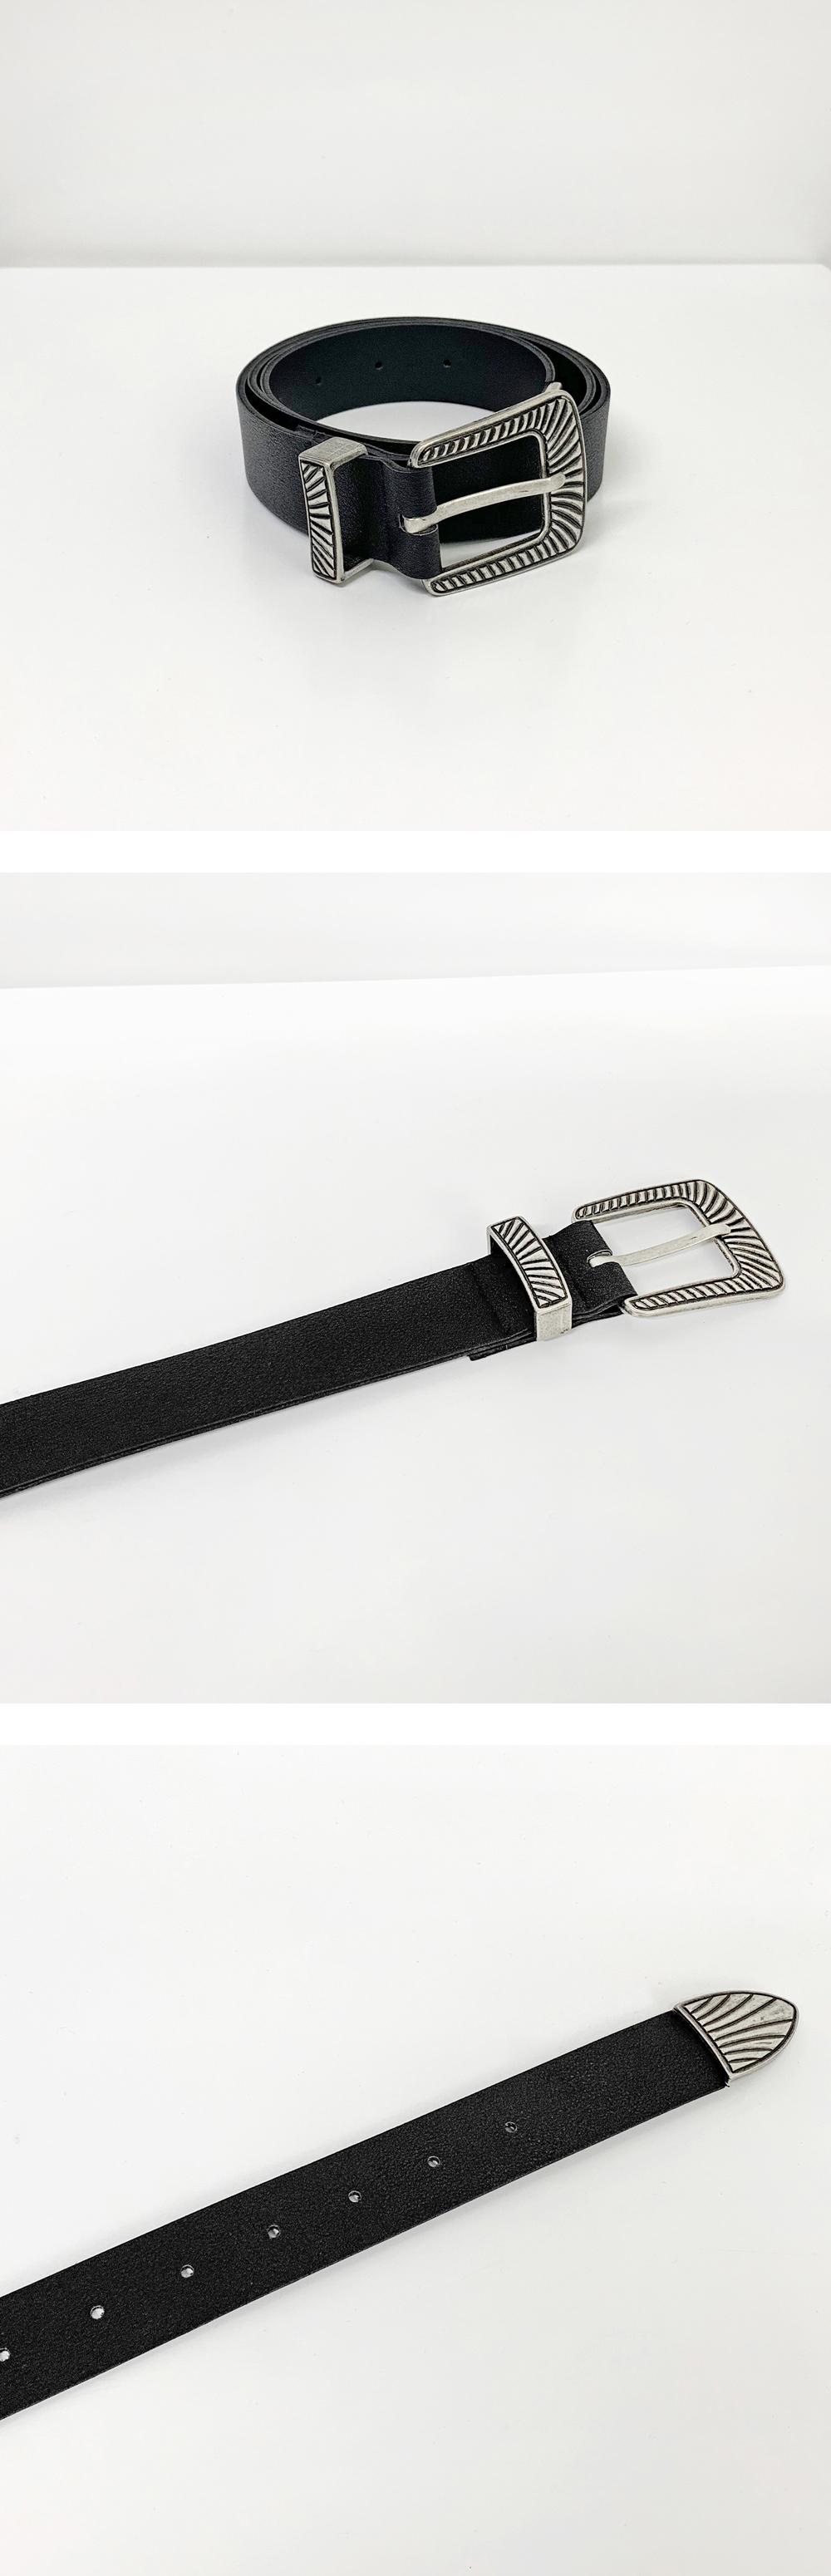 Alto ethnic leather belt